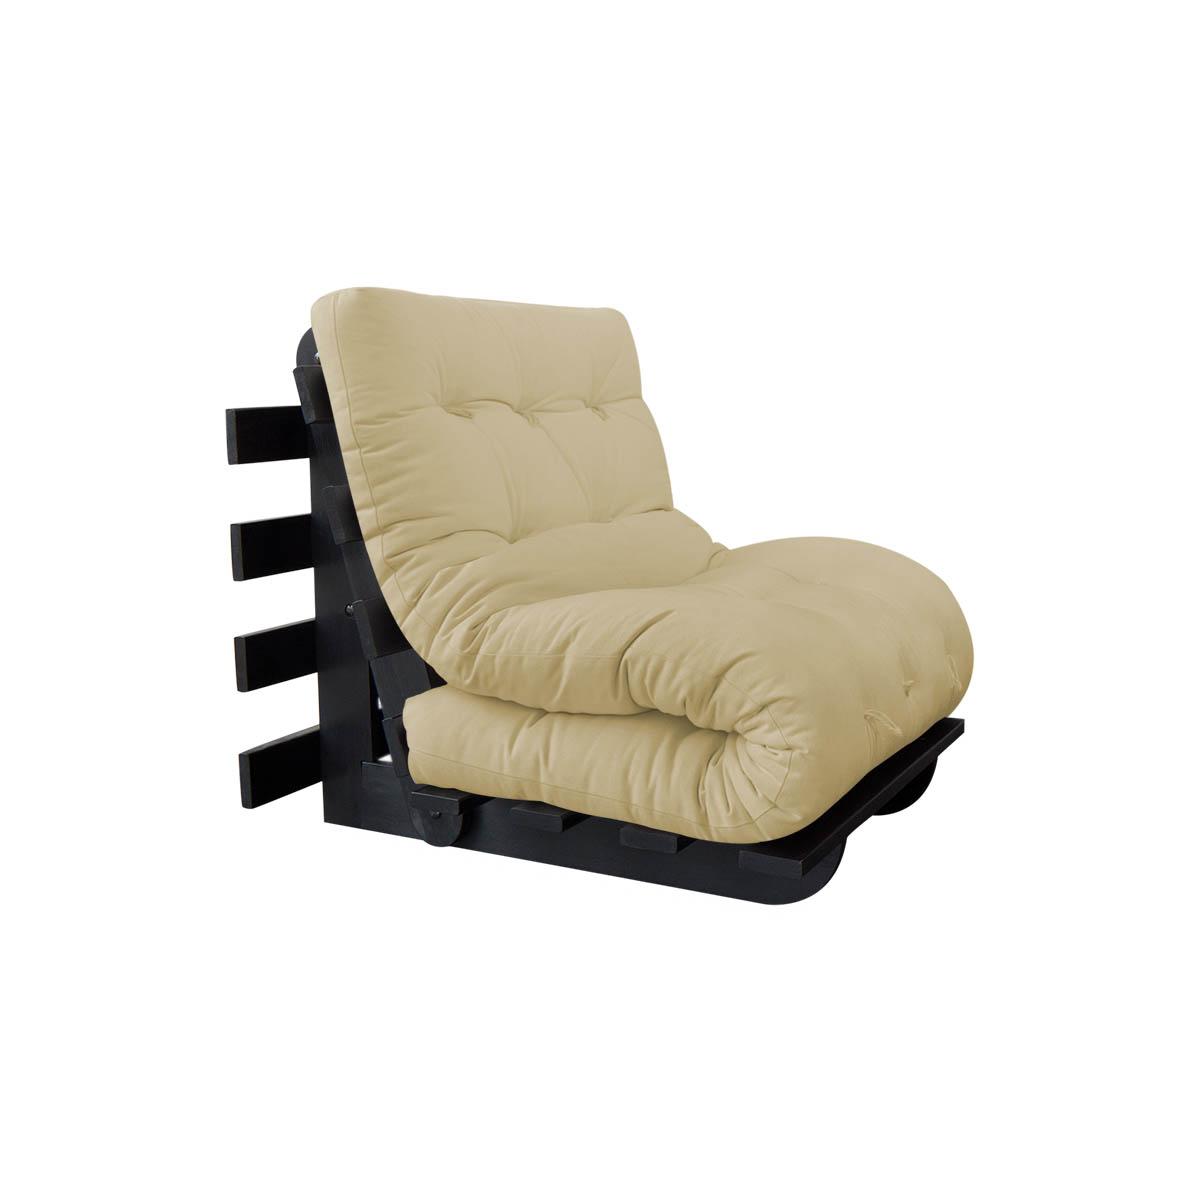 sofa cama sofa cama de madeira 14.jpg #827049 1200x1200